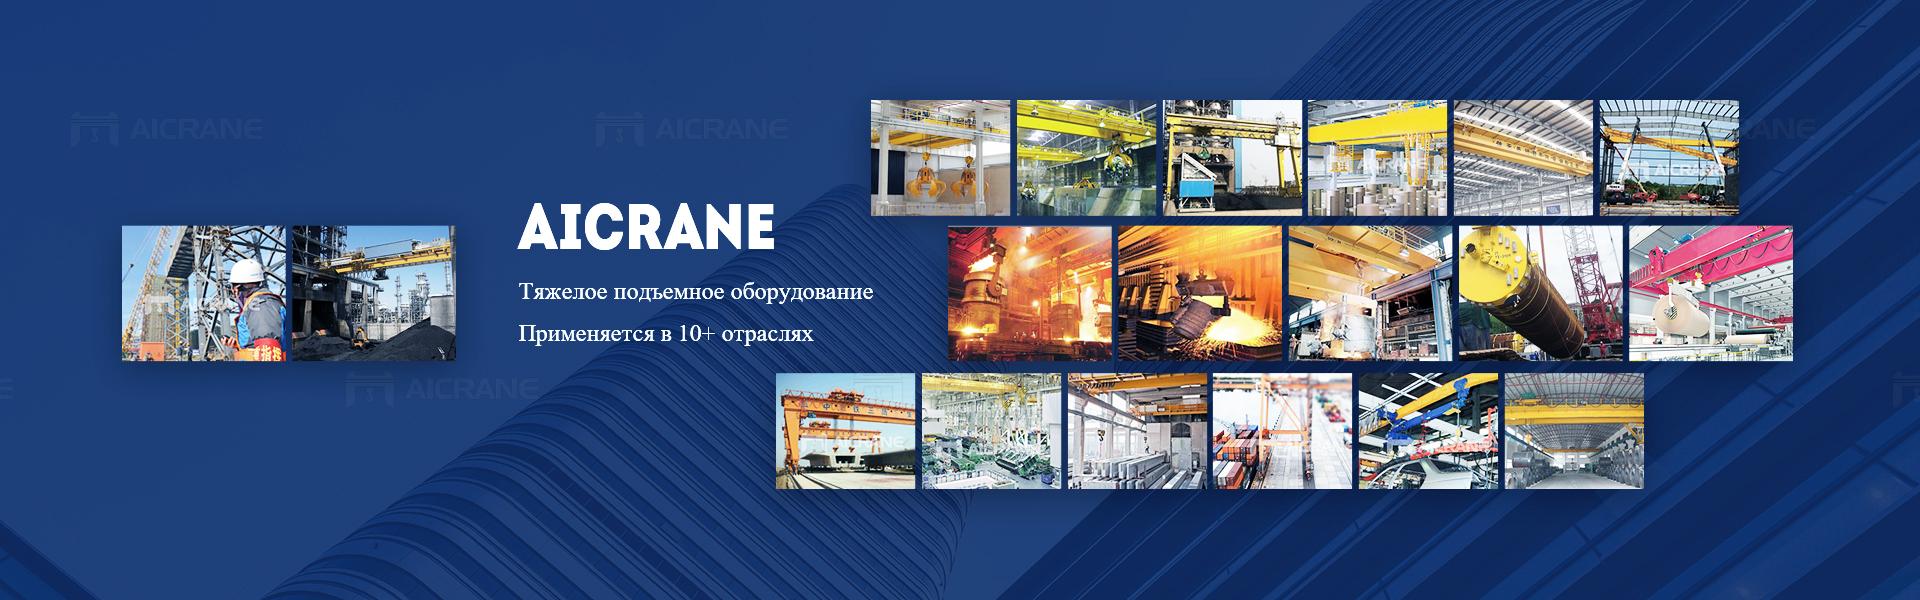 Aicrane подъемное оборудование-lunbo